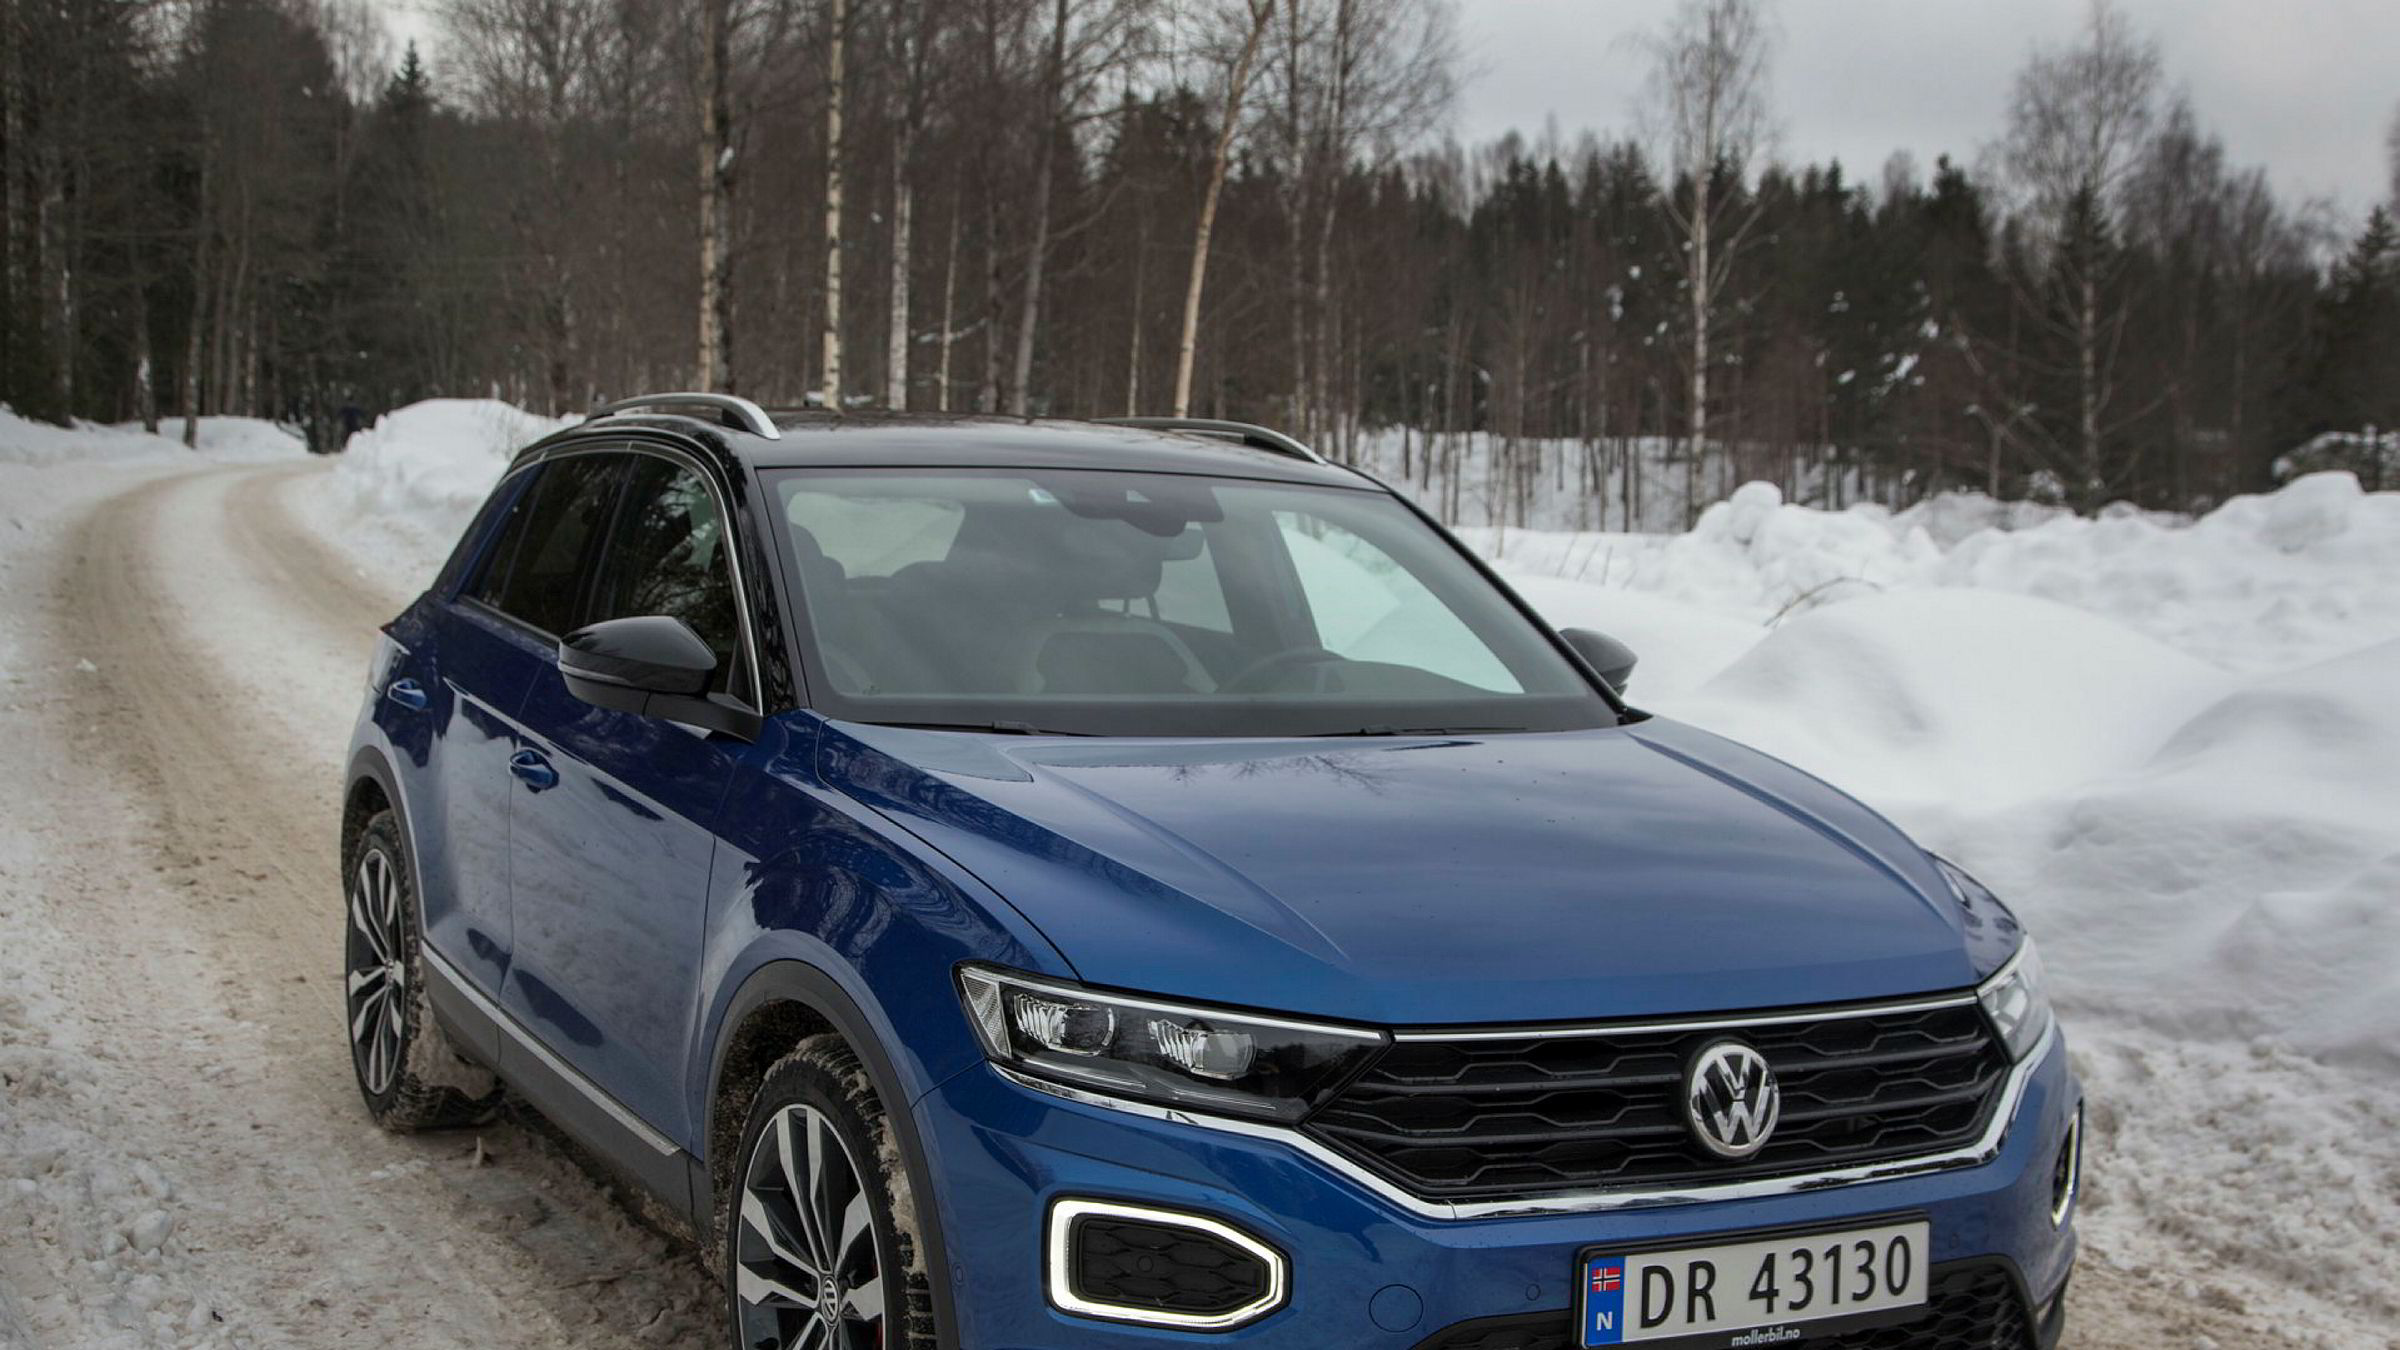 Volkswagens nyeste tilskudd heter T-Roc og er selvfølgelig en liten suv – den klassen som vokser mest.